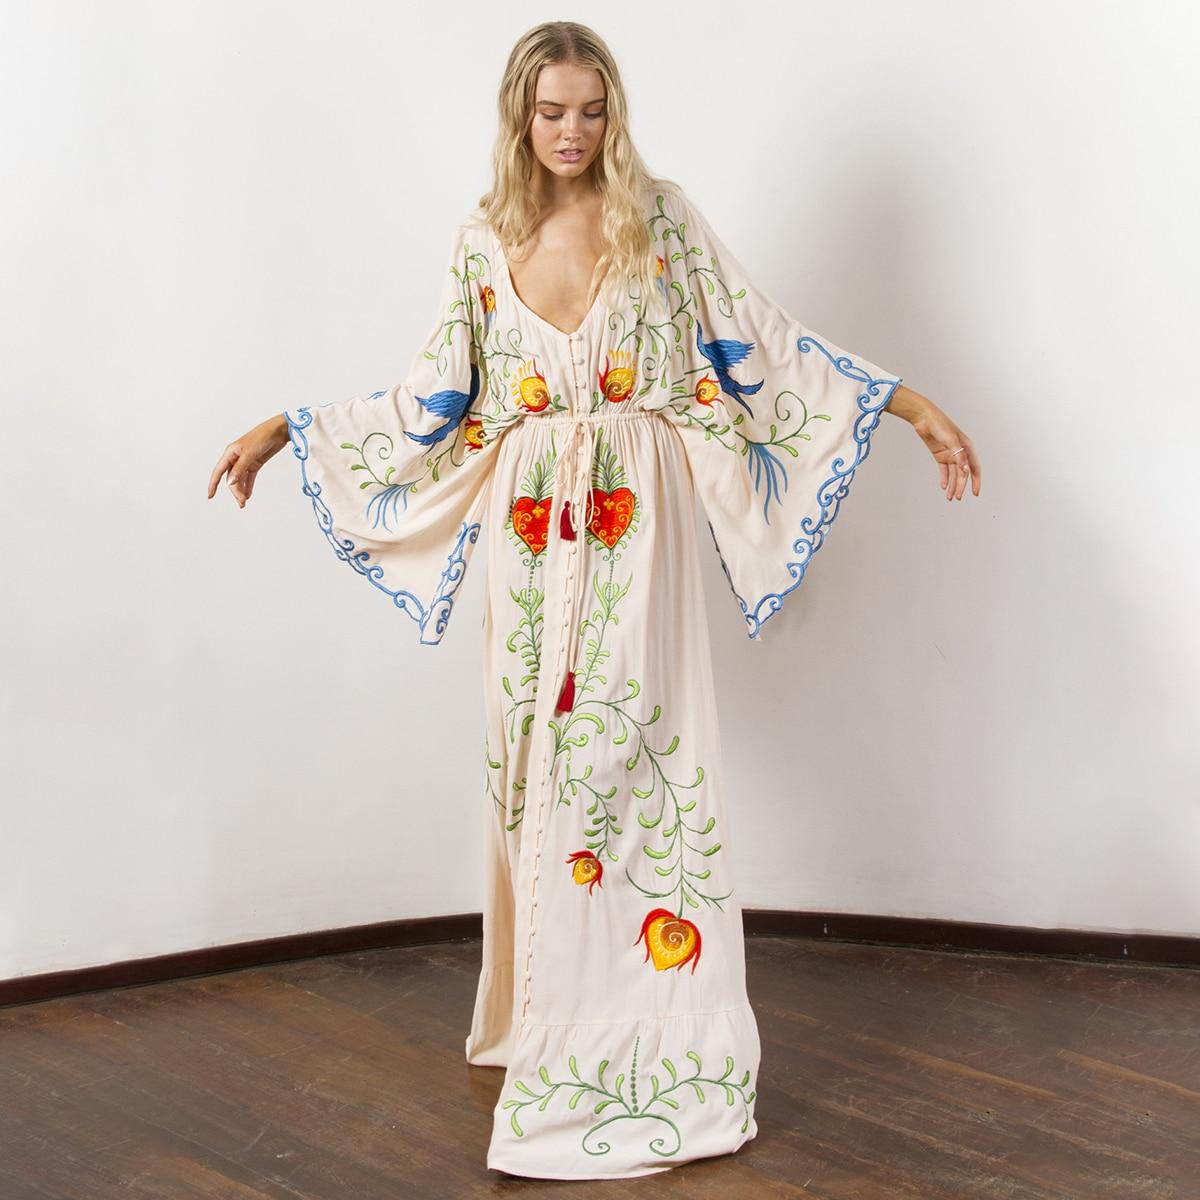 c1735460f3 Hippie En 2019 Pour Vrac Robes blanc Col Maxi Robe Plage Broderie Boho  Femmes Flare Longues ...